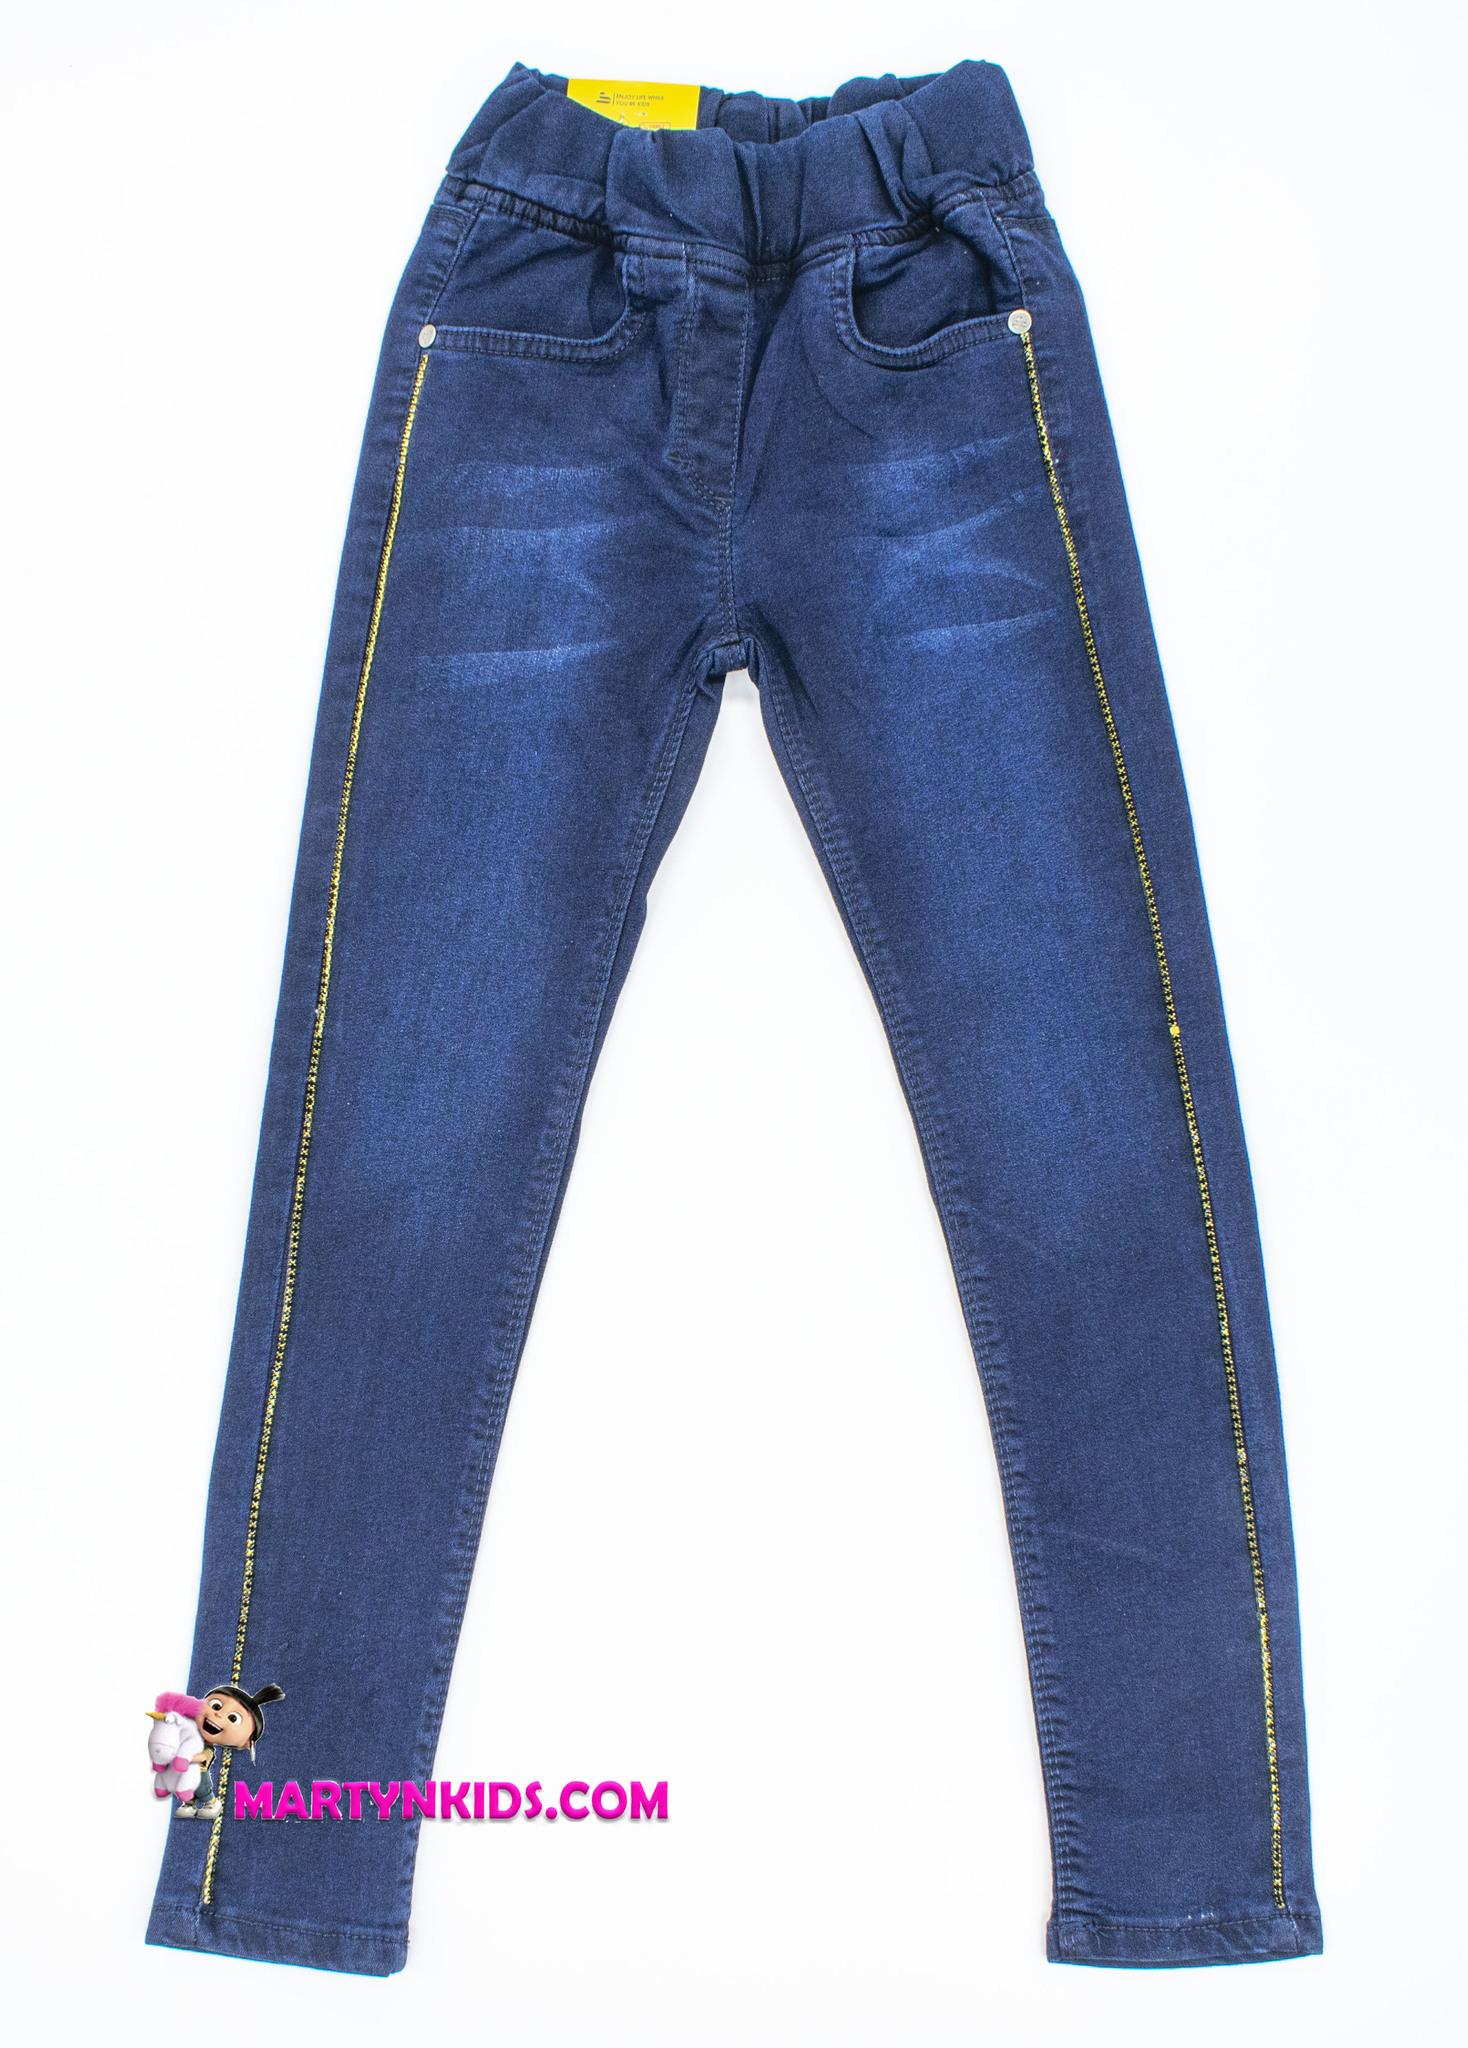 2442  джинсы цепочка кант  стрейч